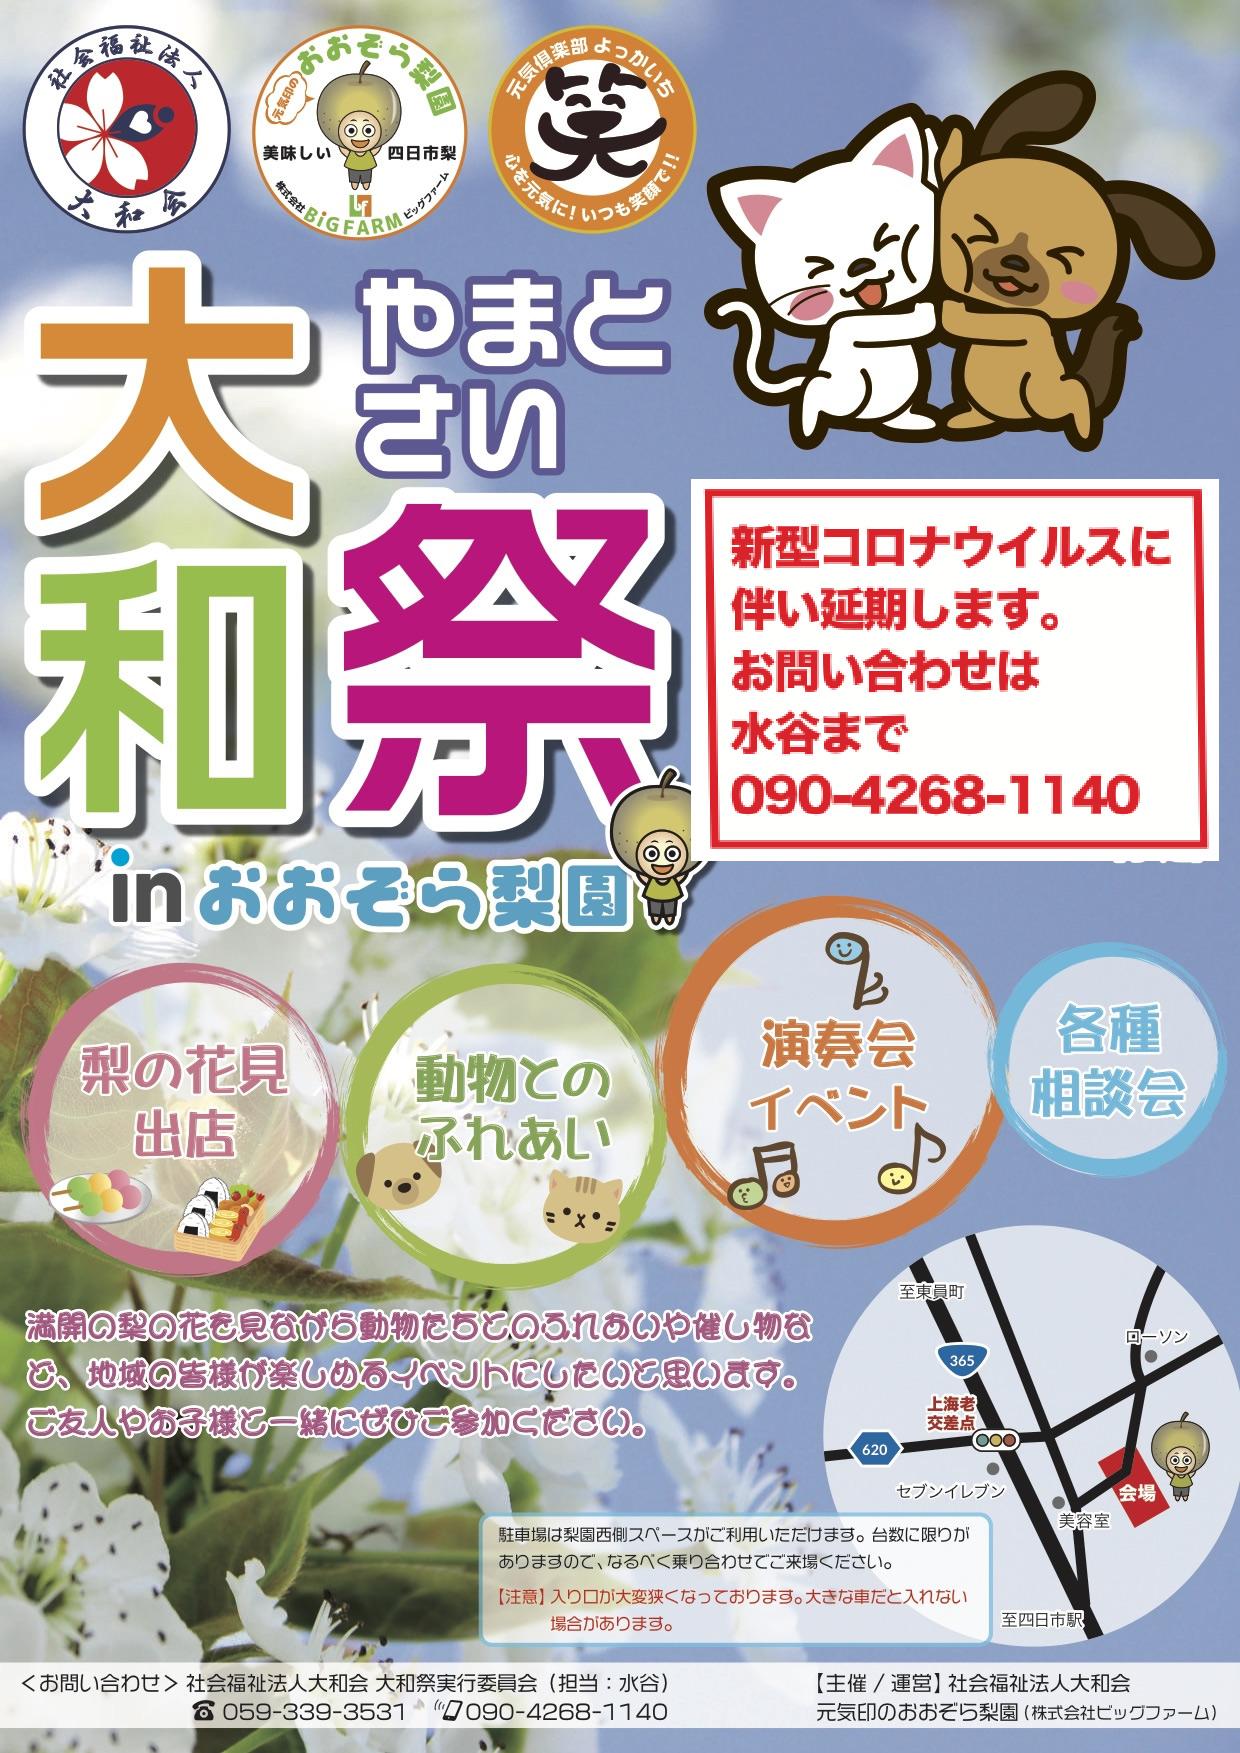 コロナウイルスの影響により、大和祭は延期します。